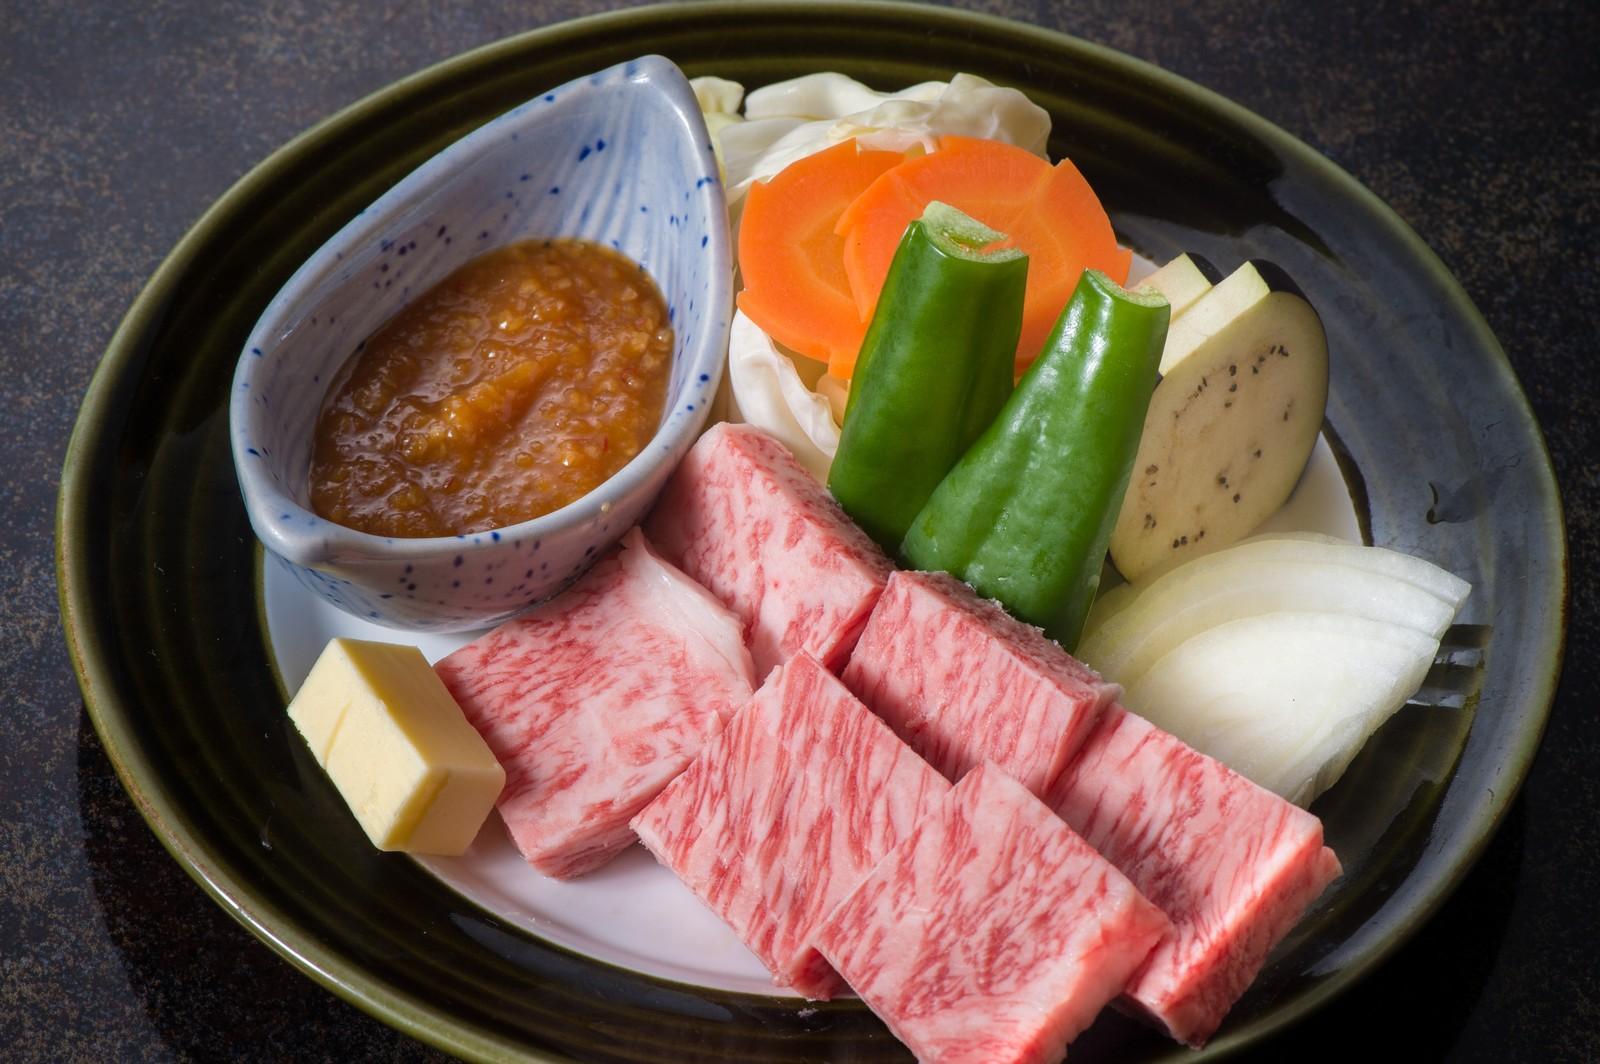 日本最頂級的A5和牛。因脂肪豐富,號稱會在舌頭上融化的頂級美味。